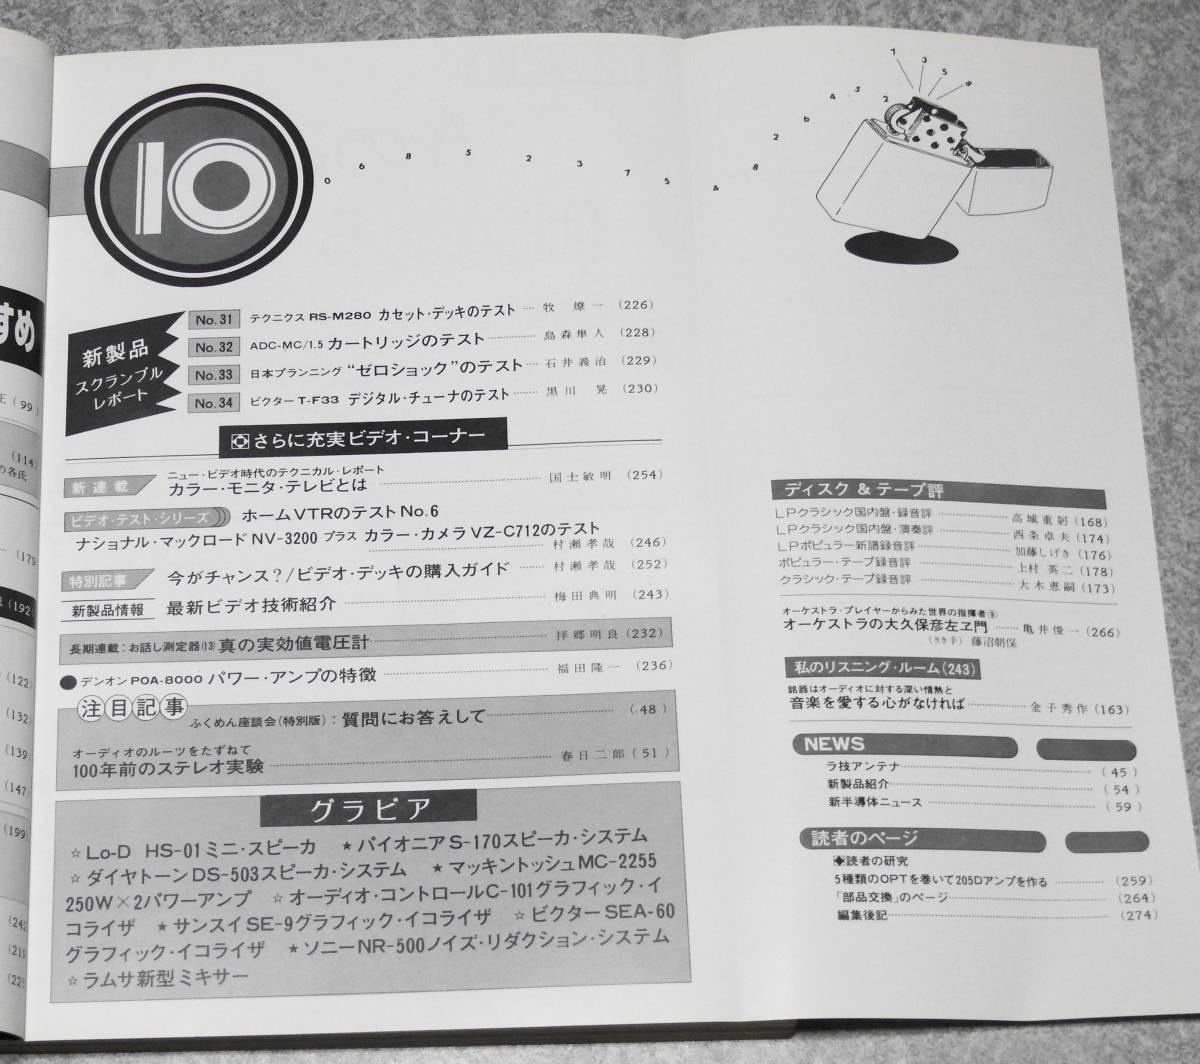 ラジオ技術 オーディオ・ラジオ雑誌 1981年(昭和56年)10月号 送料164円_画像3